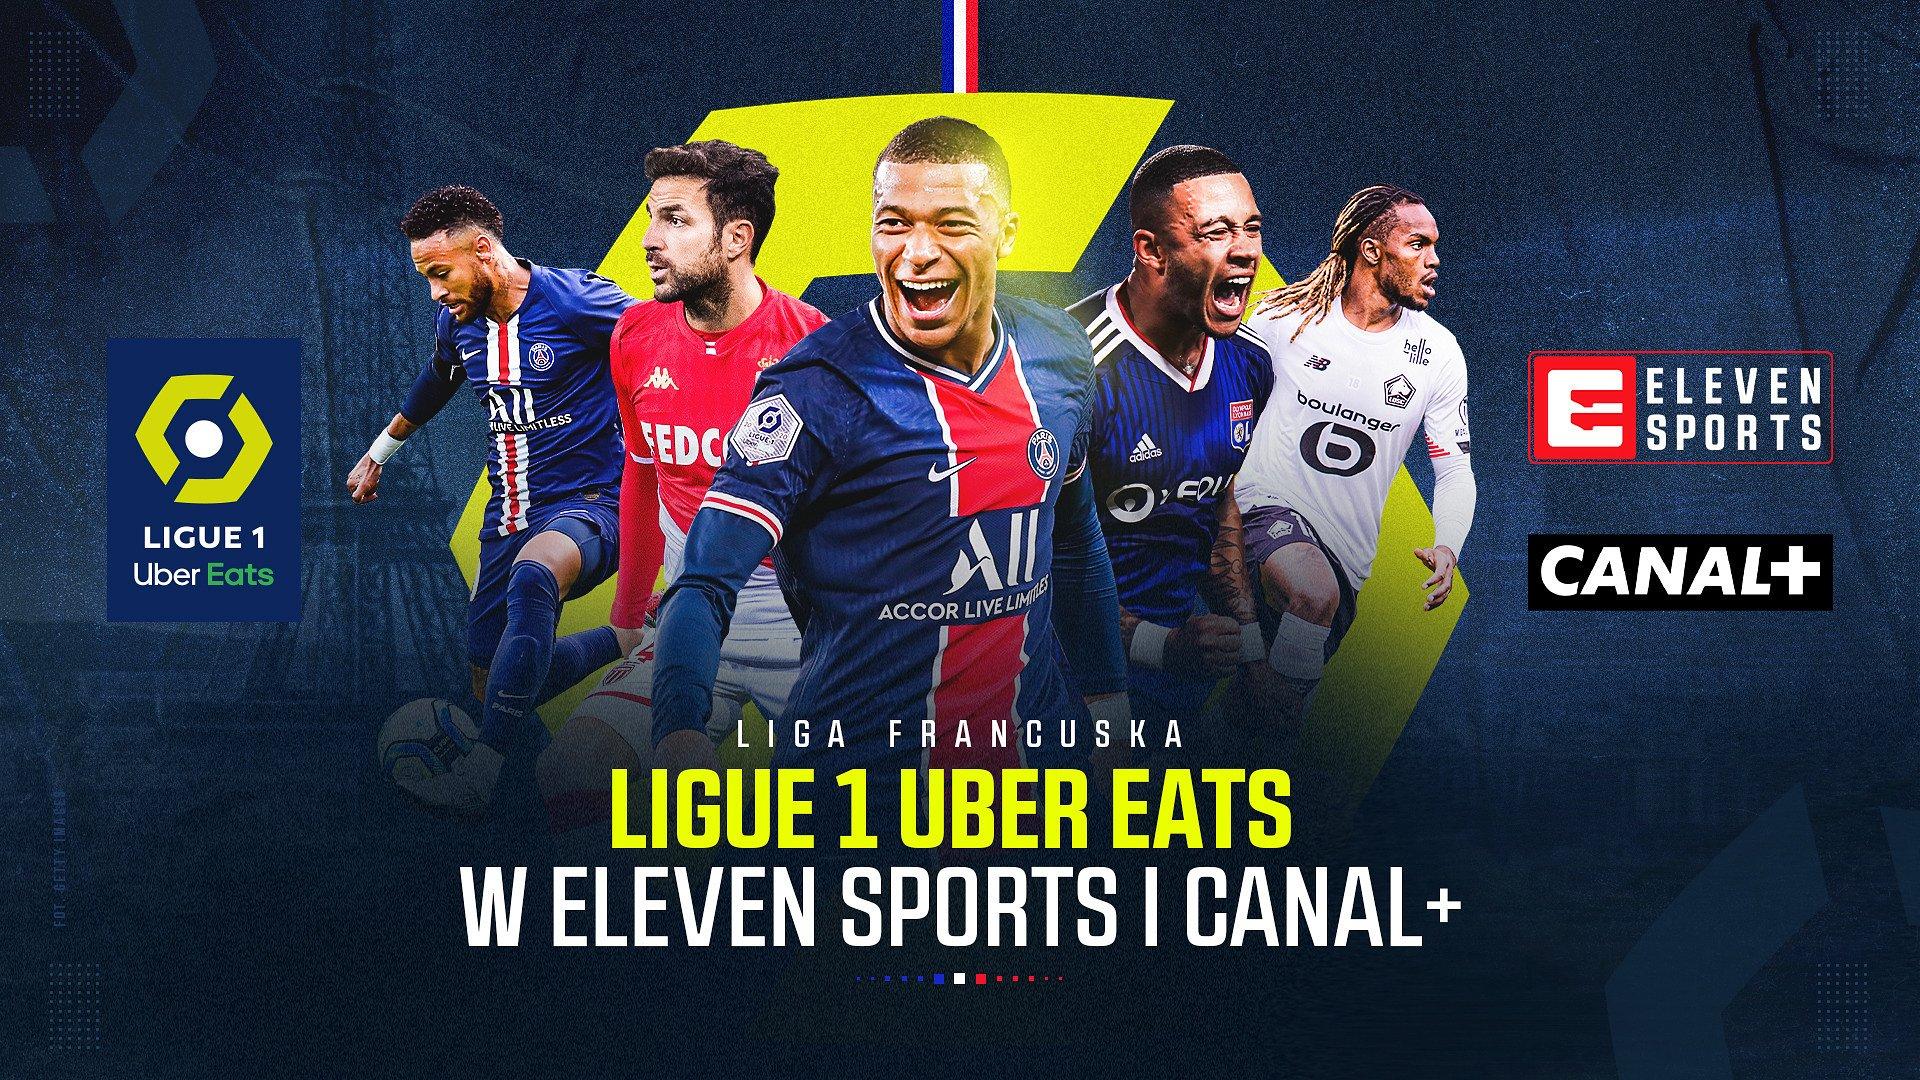 Ligue 1 Uber Eats przez najbliższe cztery sezony w ELEVEN SPORTS i CANAL+